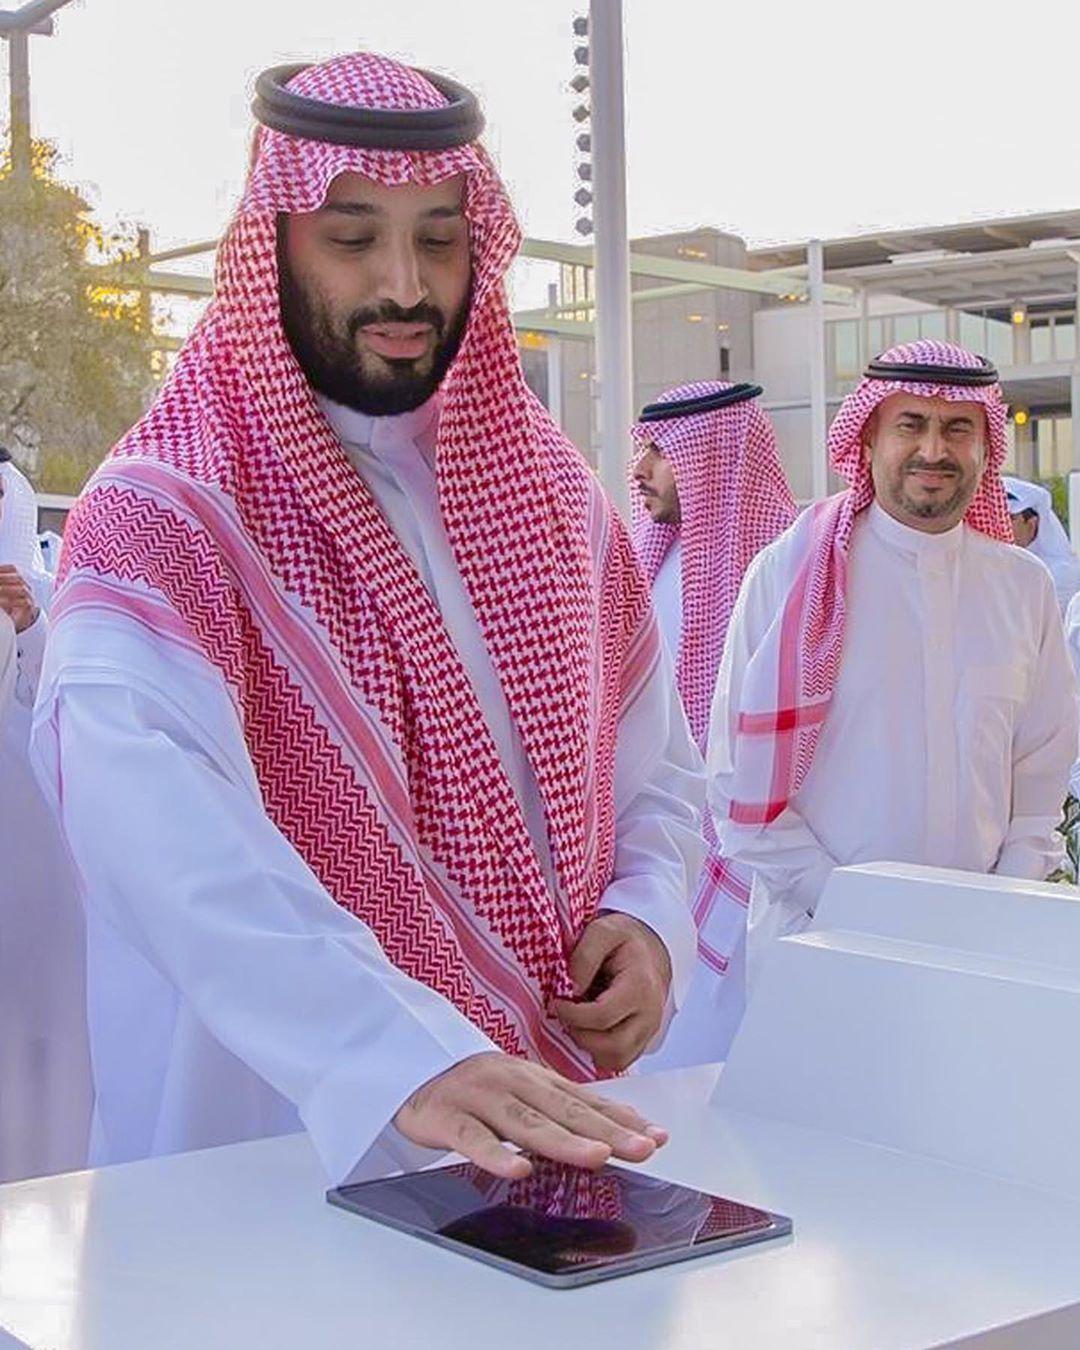 محمد بن سلمان On Instagram هيبة من رب العالمين مايقدر احد ينكرها الله يحفظك ويرعاك السعودية السعودية السعودي Coat Lab Coat Academic Dress